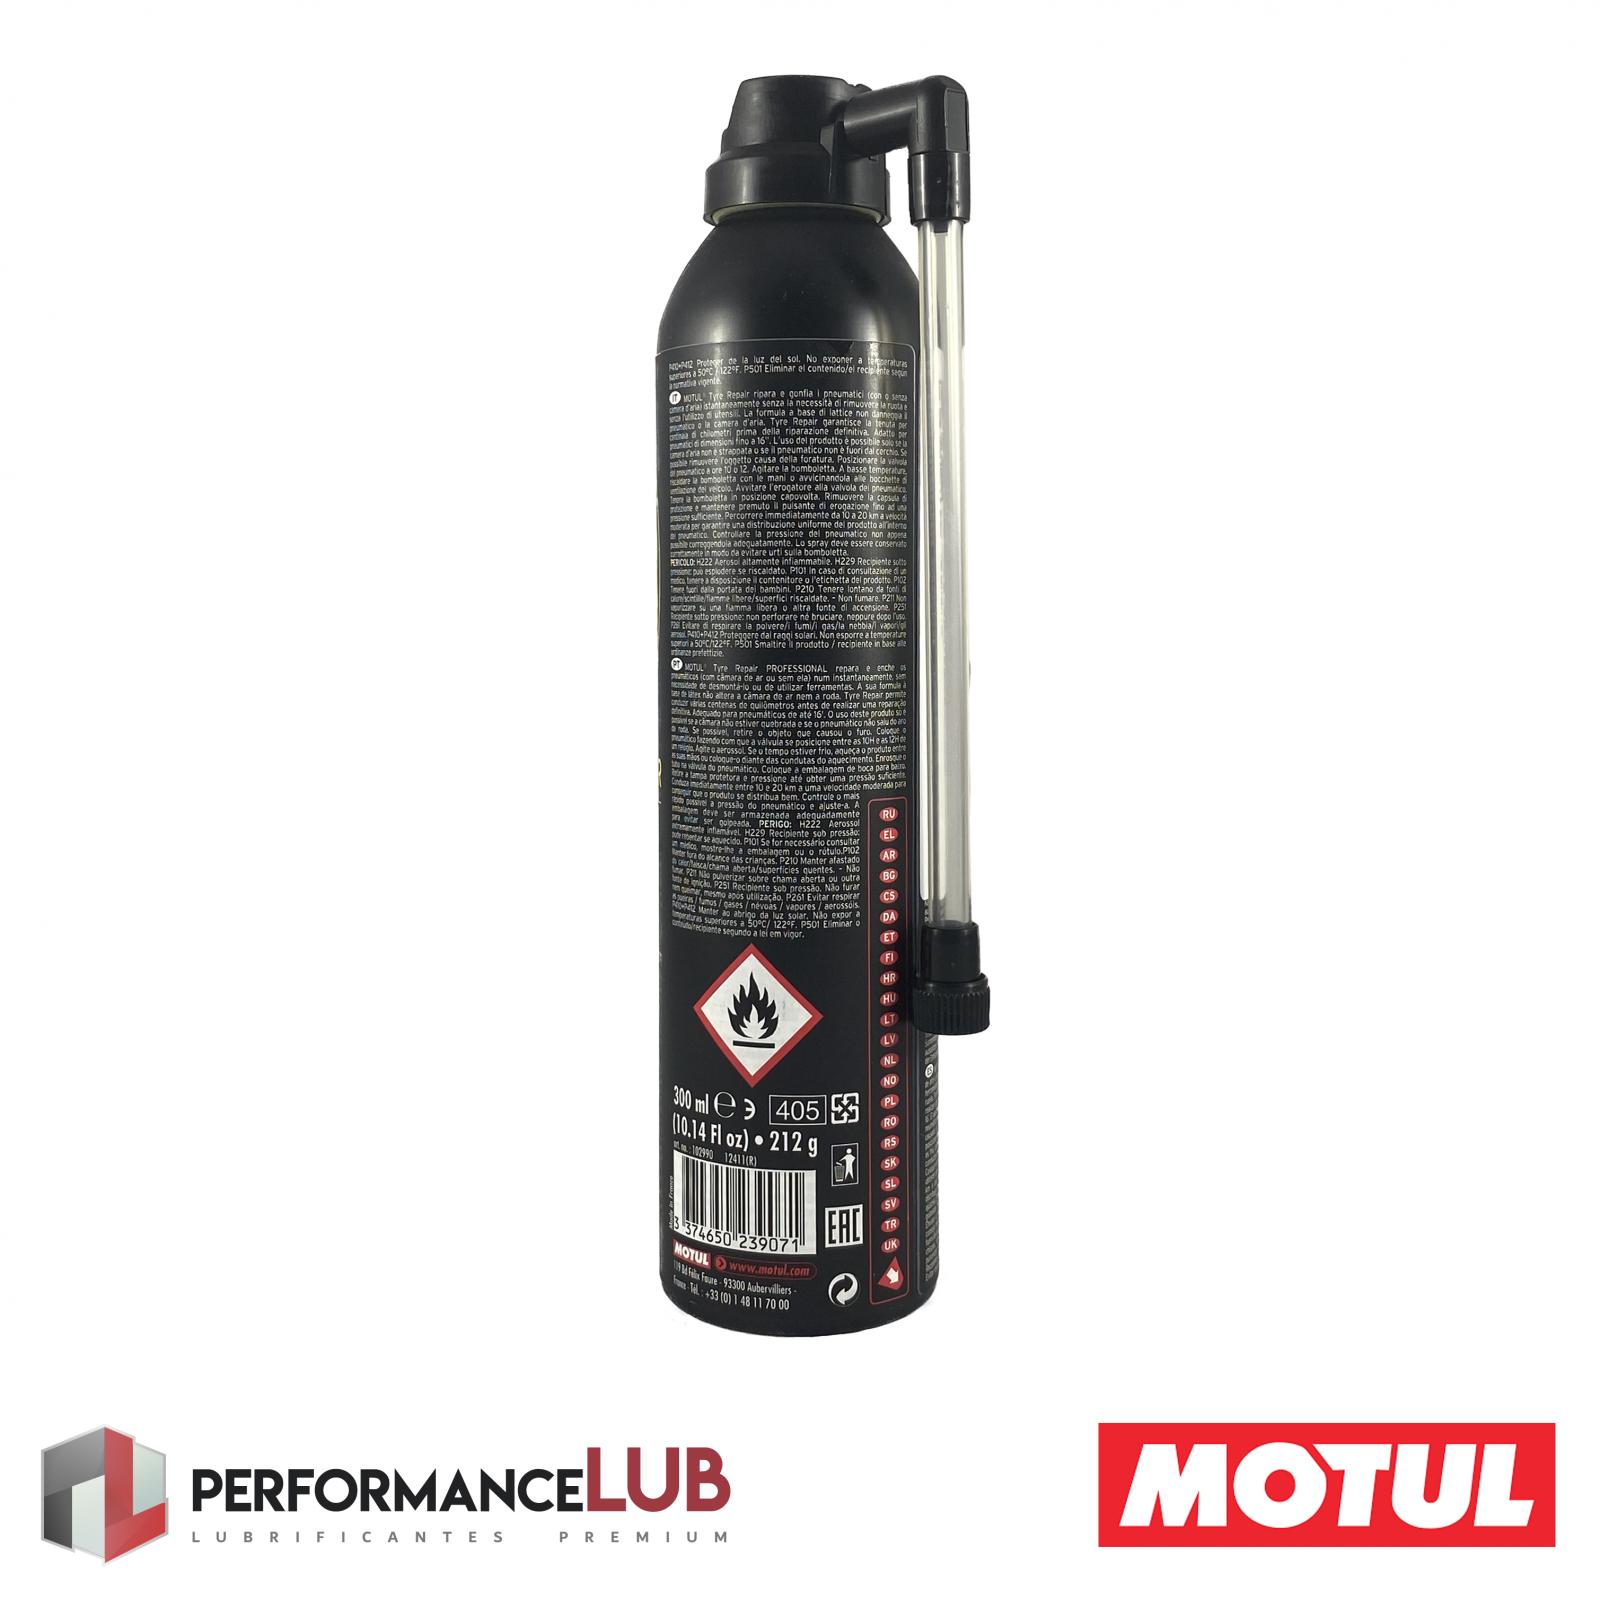 P3 Tyre Repair - 300 ml - PerformanceLUB Lubrificantes Premium